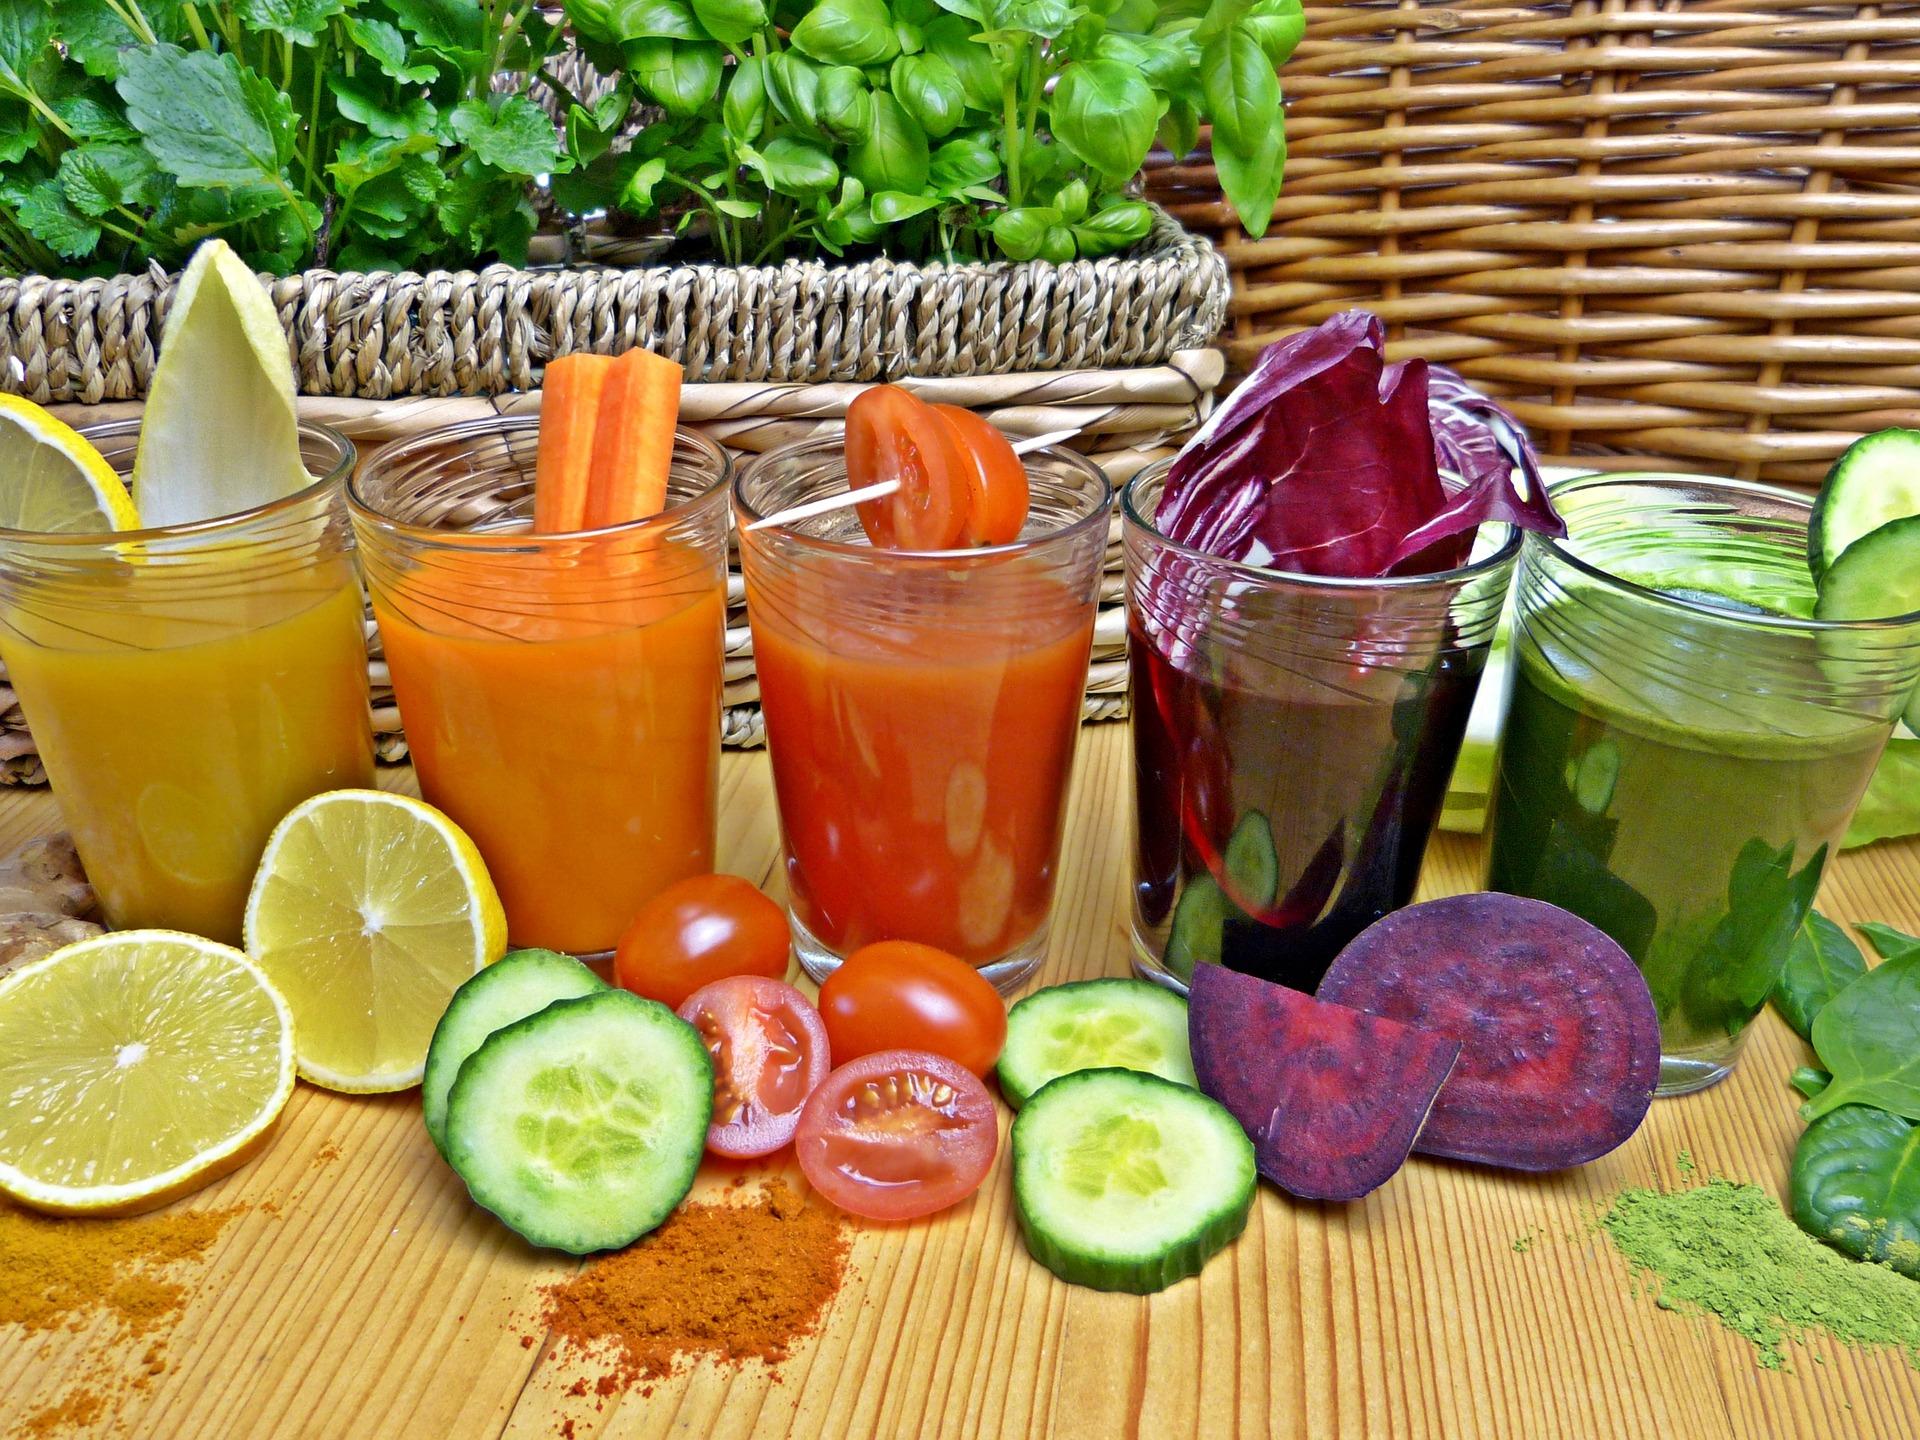 Ranní smoothie může chutnat každý den jinak / foto: pixabay.com